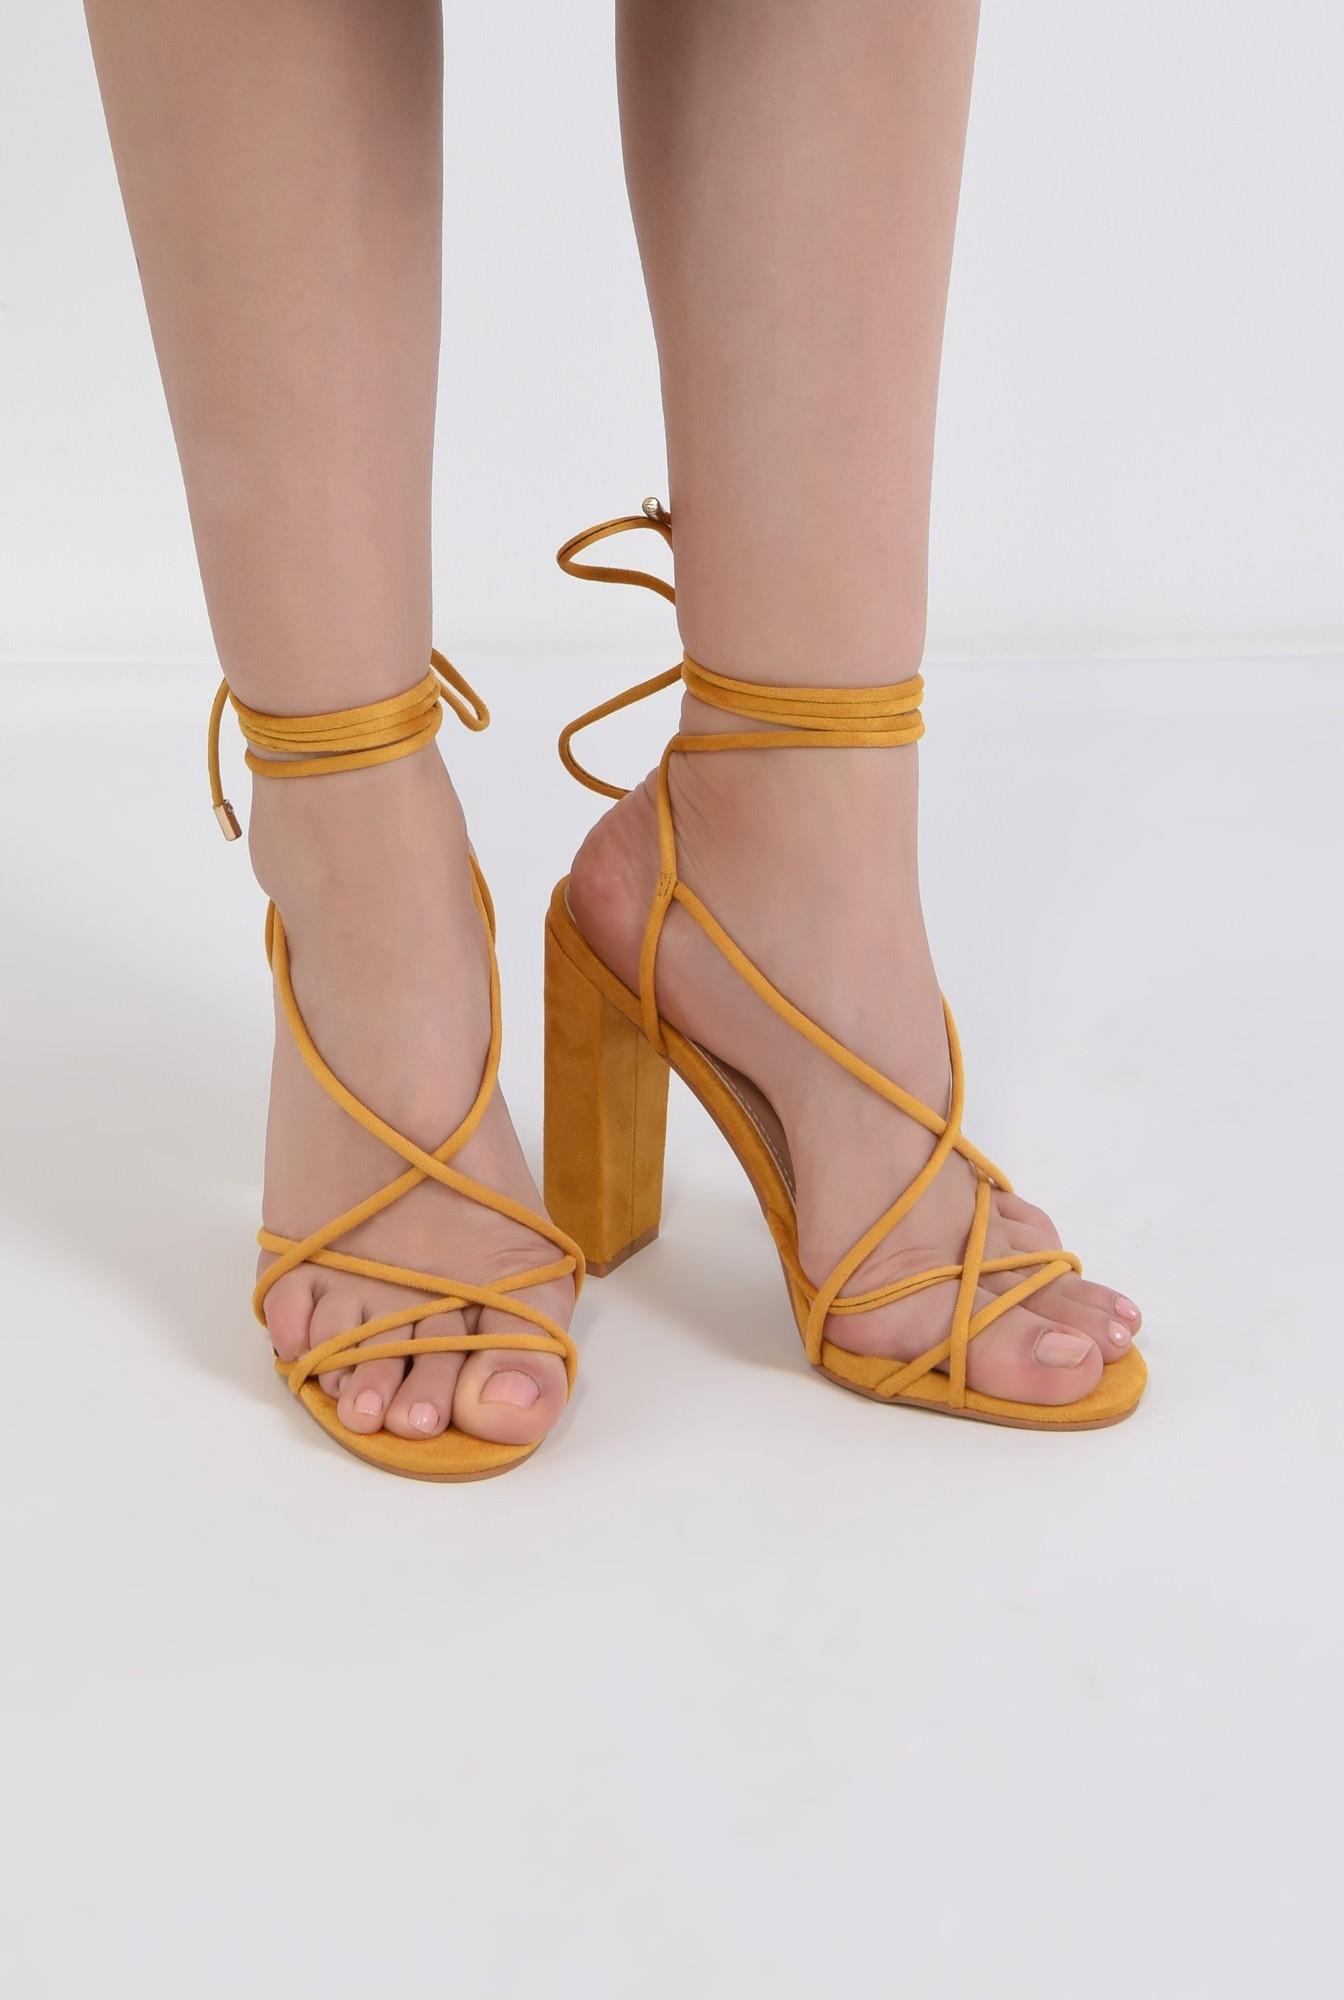 3 - sandale elegante, din velur, mustar, barete tip snur